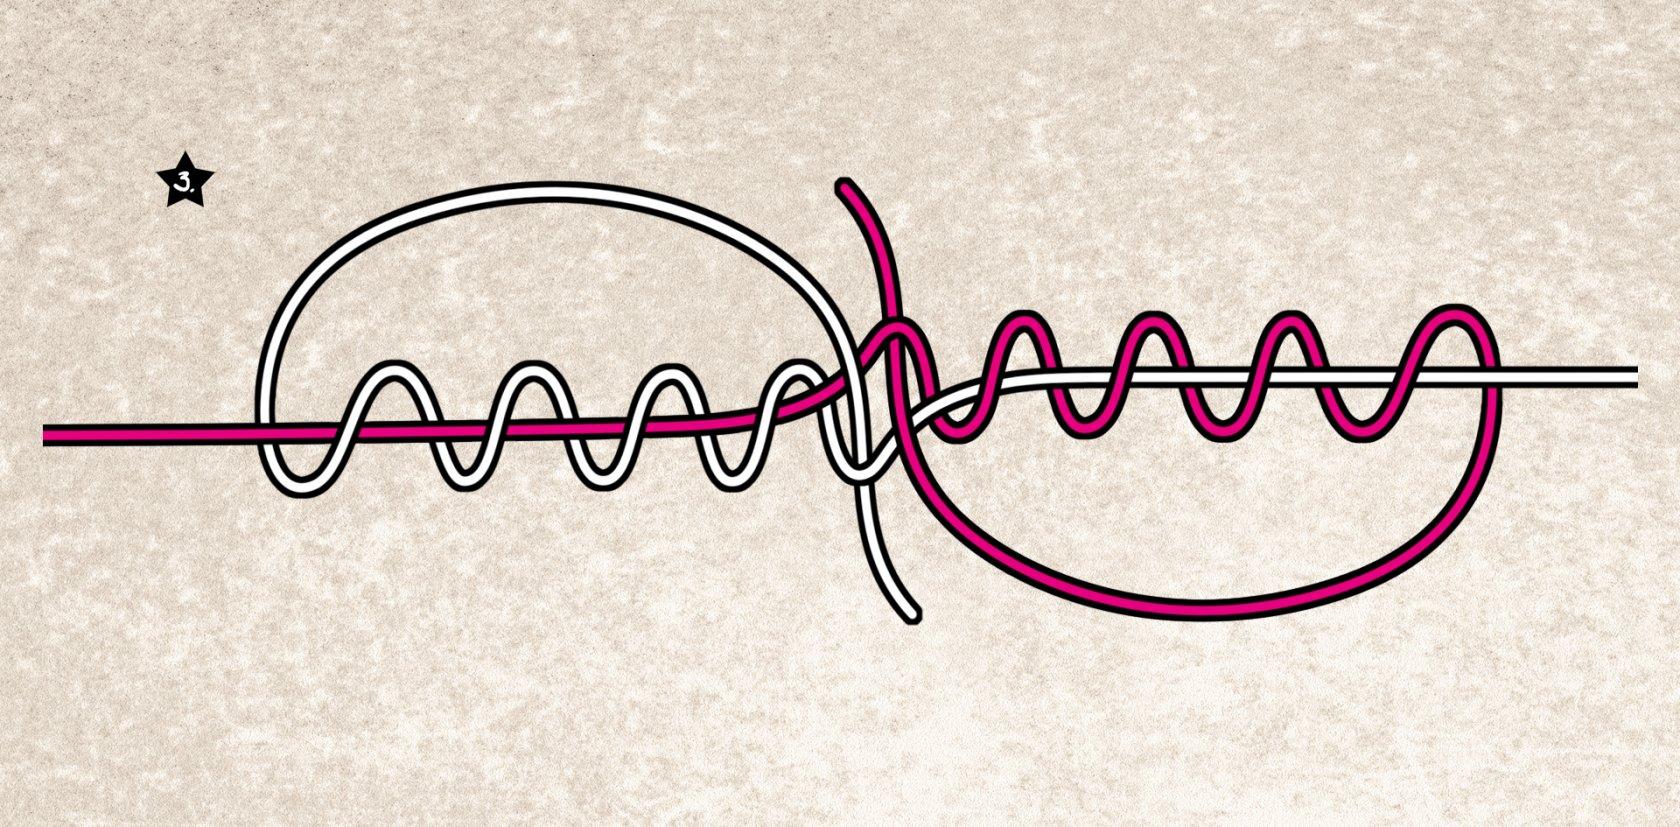 Angelschnur verbinden mit dem Blutknoten